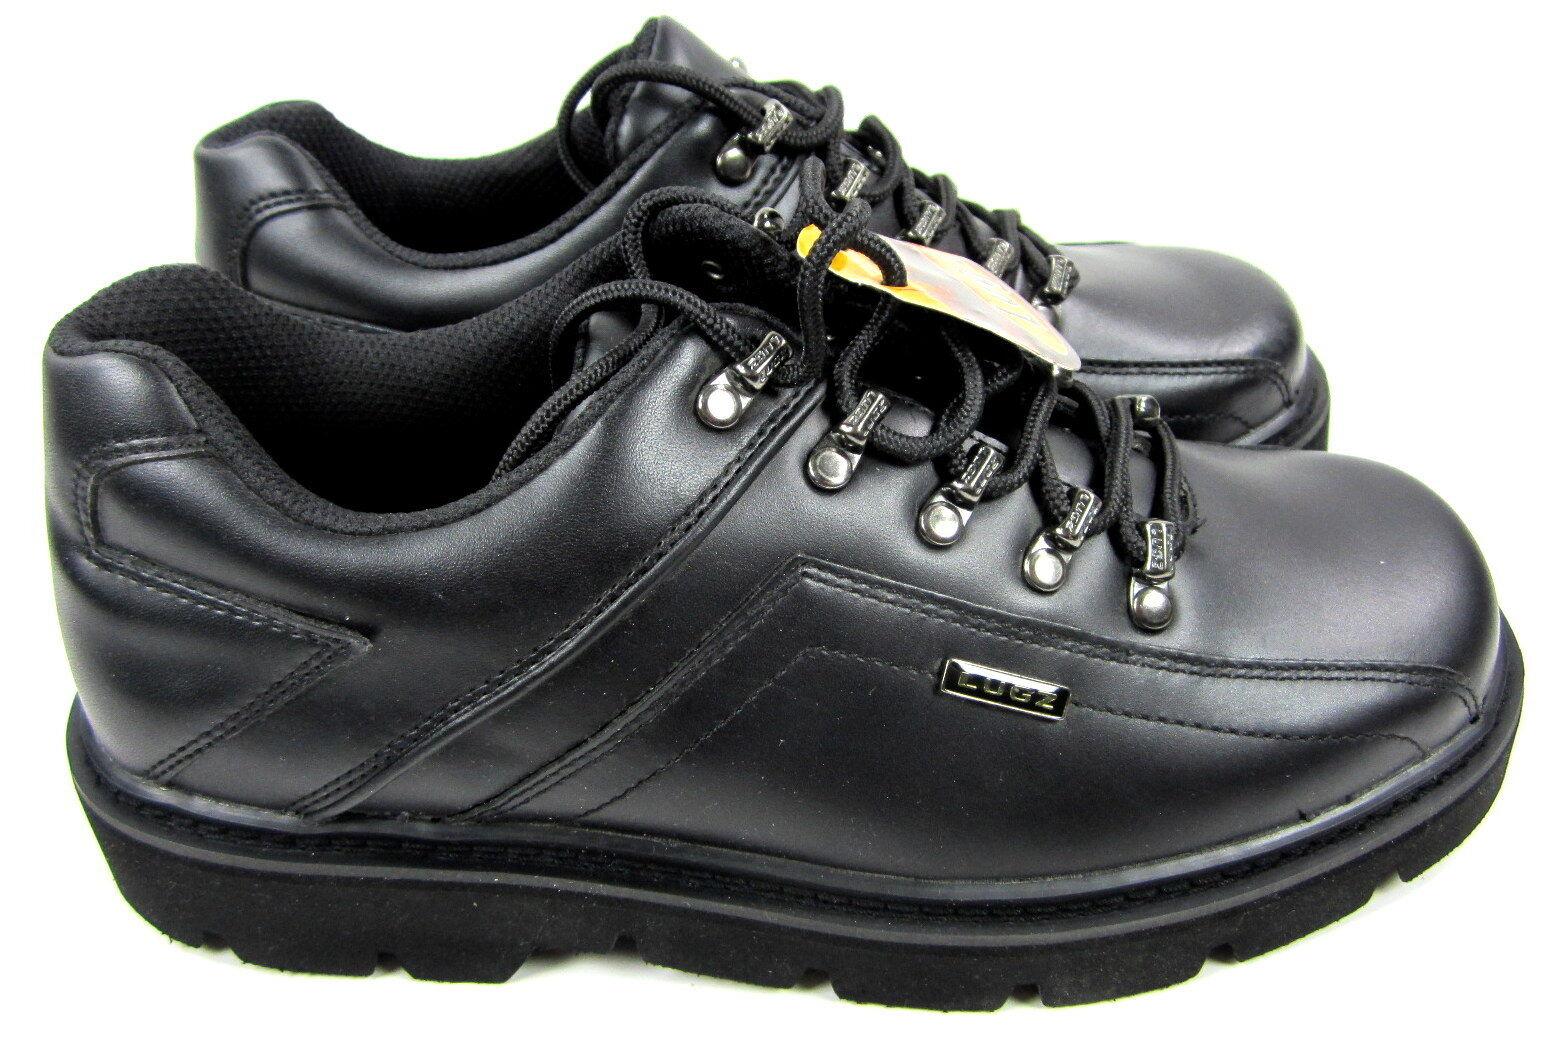 Lugz Zapatos tenis atléticas Negro de respuesta Cuero Negro atléticas Tamaño 9 c706b1